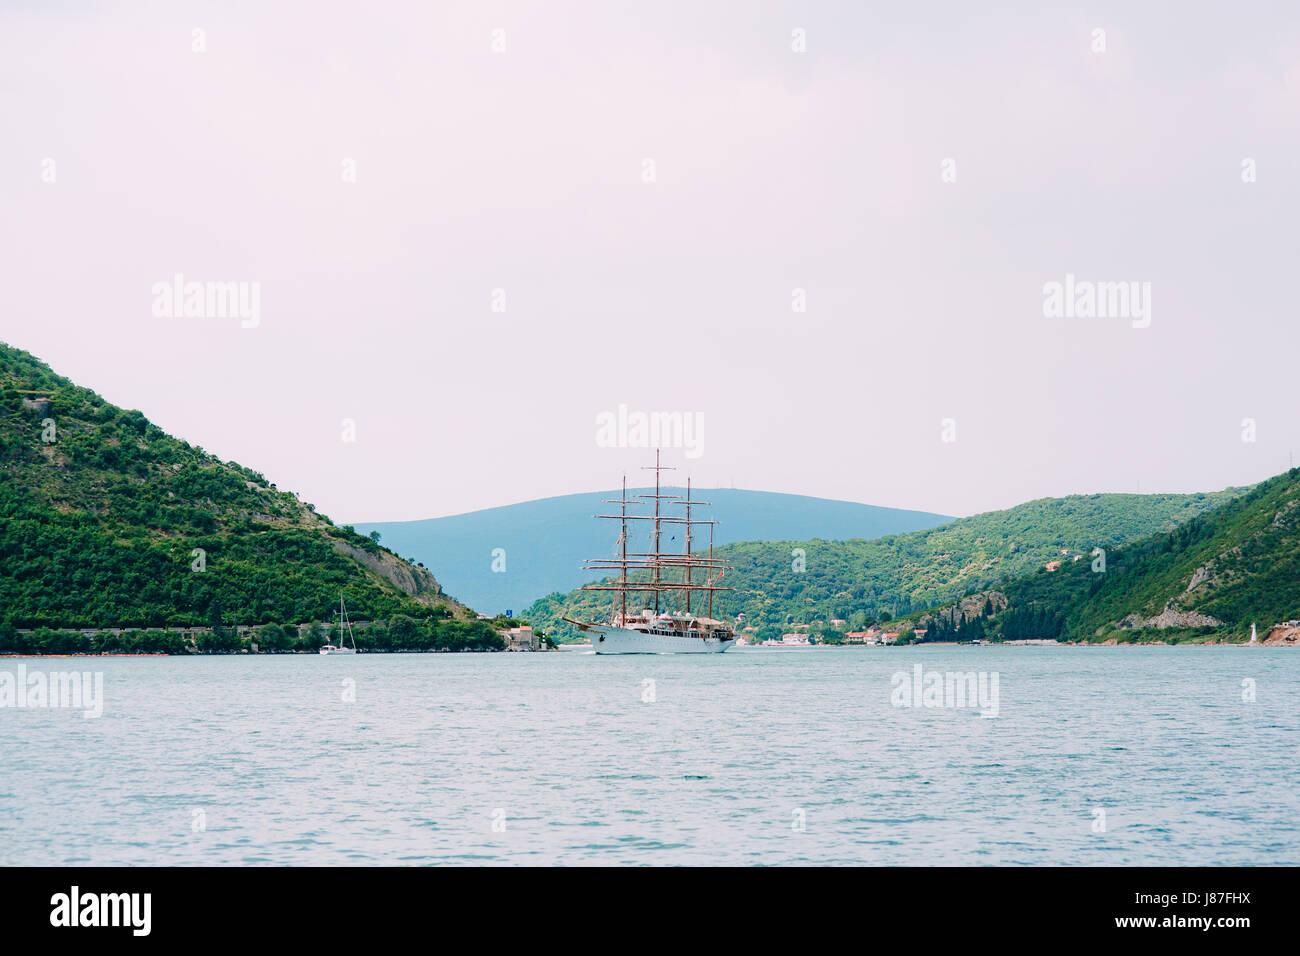 Hölzerne Segelschiff. Bucht von Kotor in Montenegro. Wassertransport Stockfoto